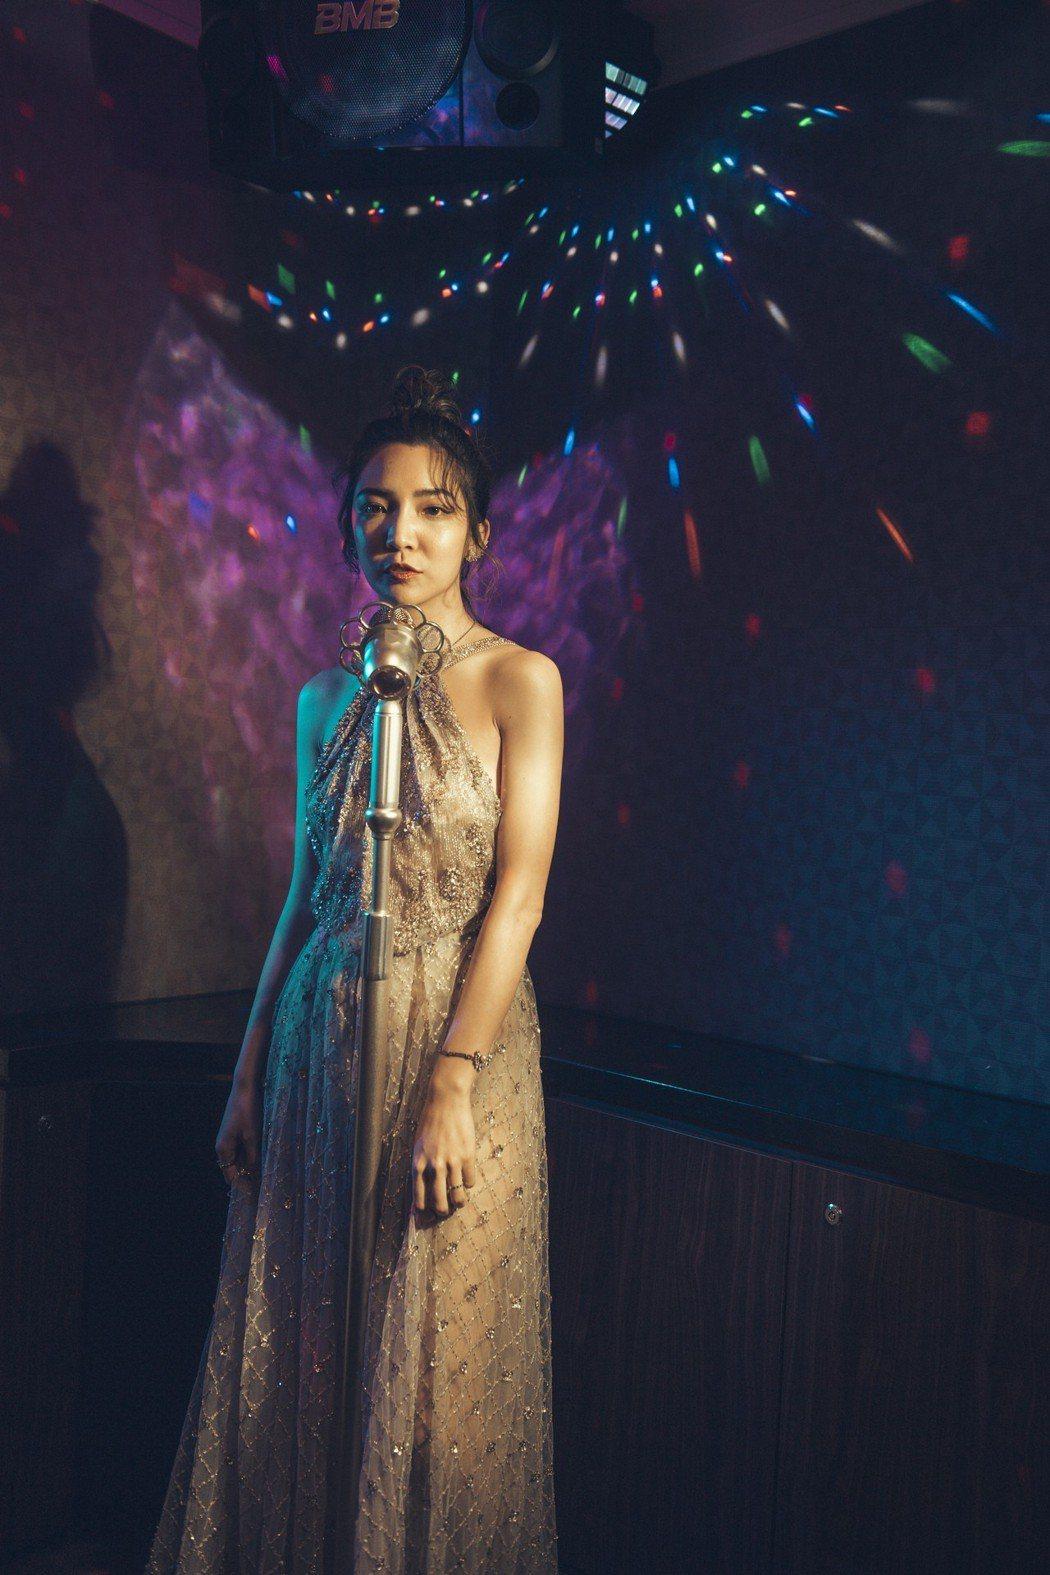 高雋雅挑選婚紗禮服有自己想法。圖/海納百川提供